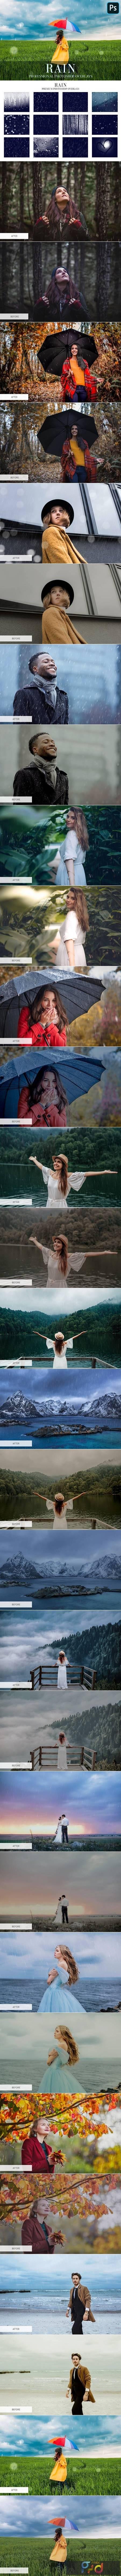 Rain Overlays Photoshop 4940346 1